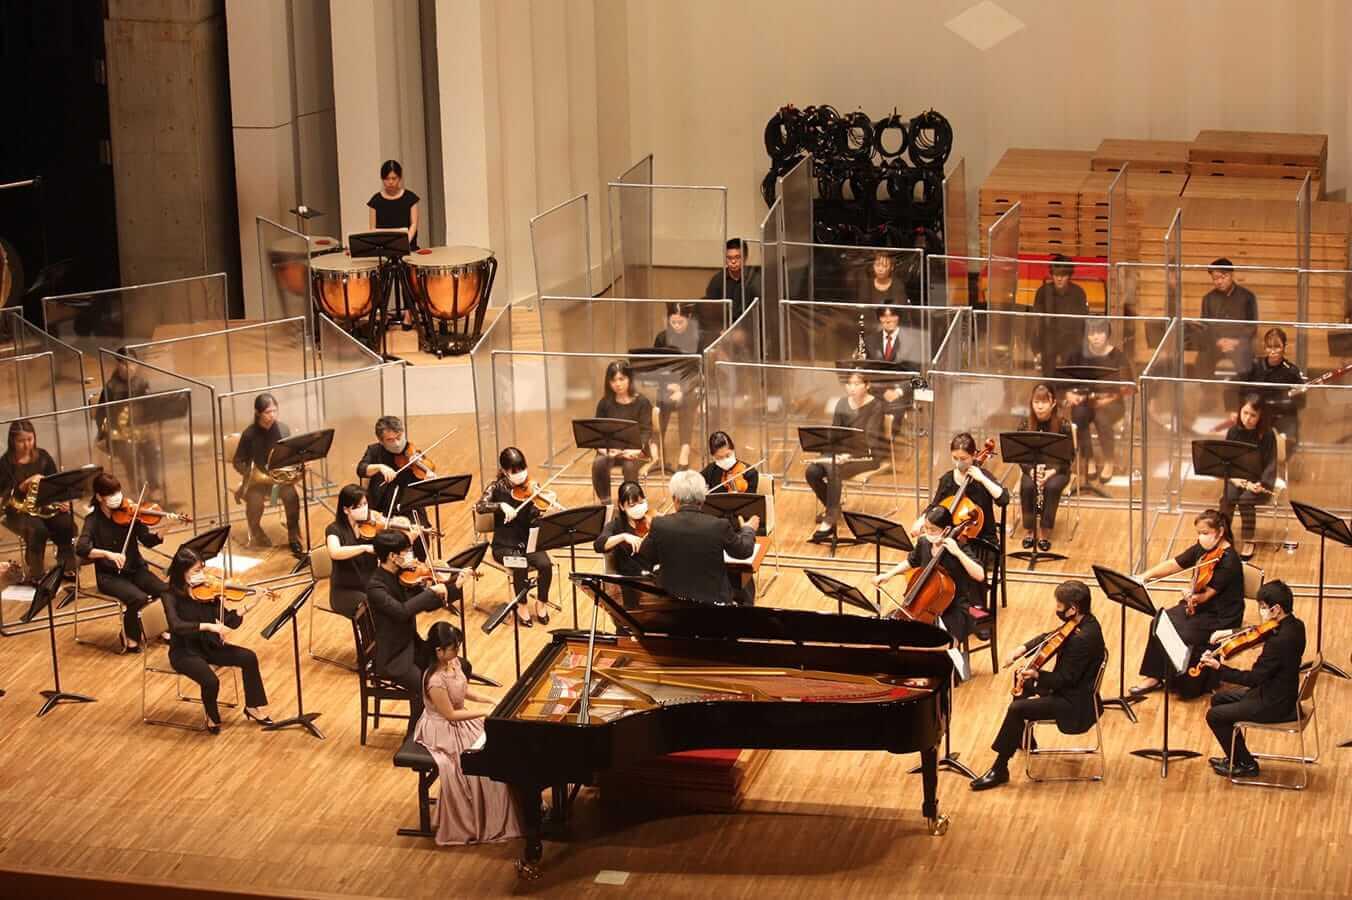 [写真]学内演奏会 ―大学院生によるコンチェルト―演奏風景2